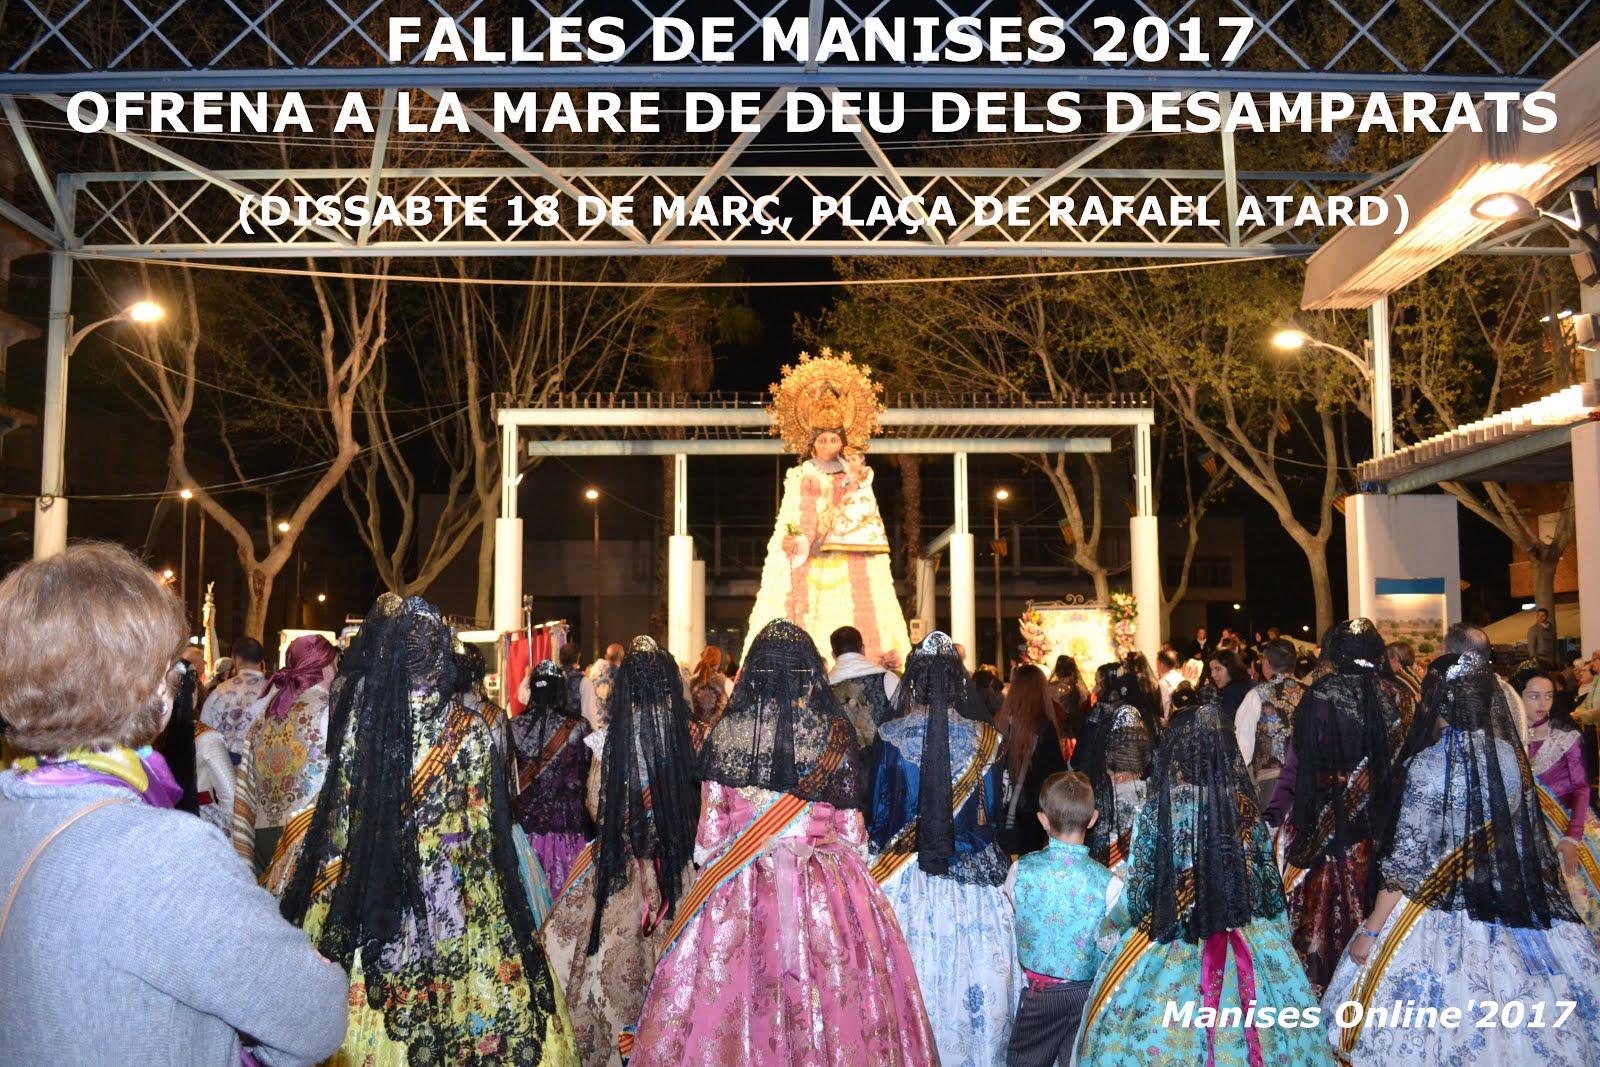 19.03.17 LES FALLES DE 2017: OFRENDA A LA VIRGEN Y FINAL DE LAS FIESTAS DE SAN JOSÉ